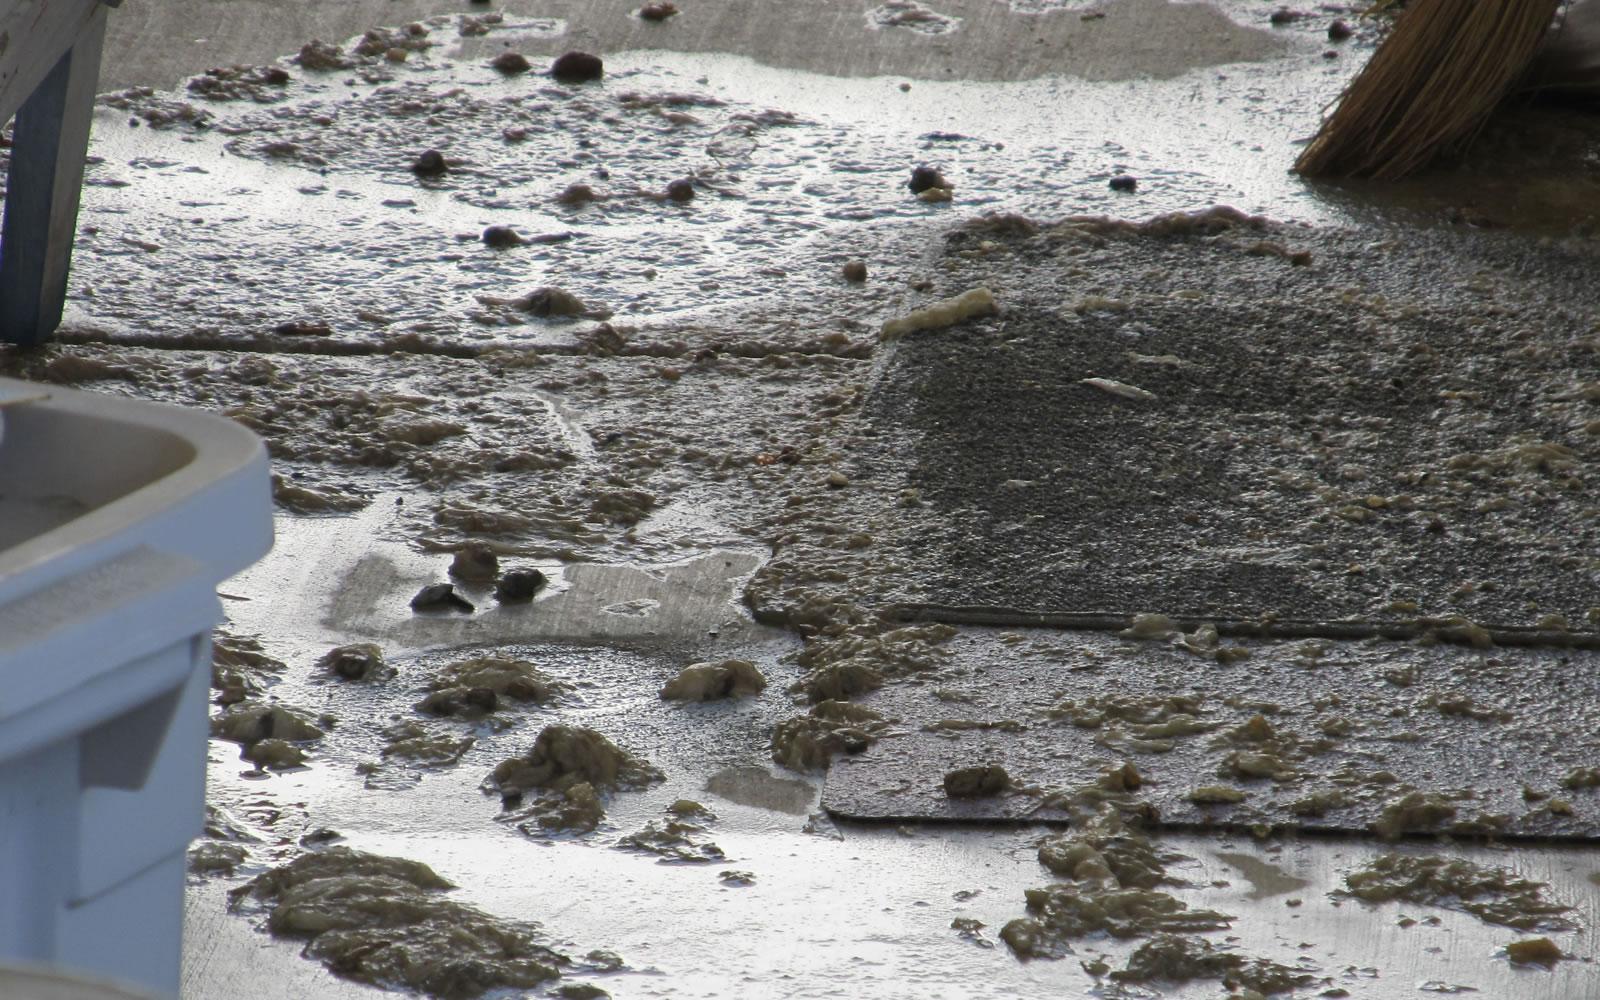 sewage spills - mobile home owner tips